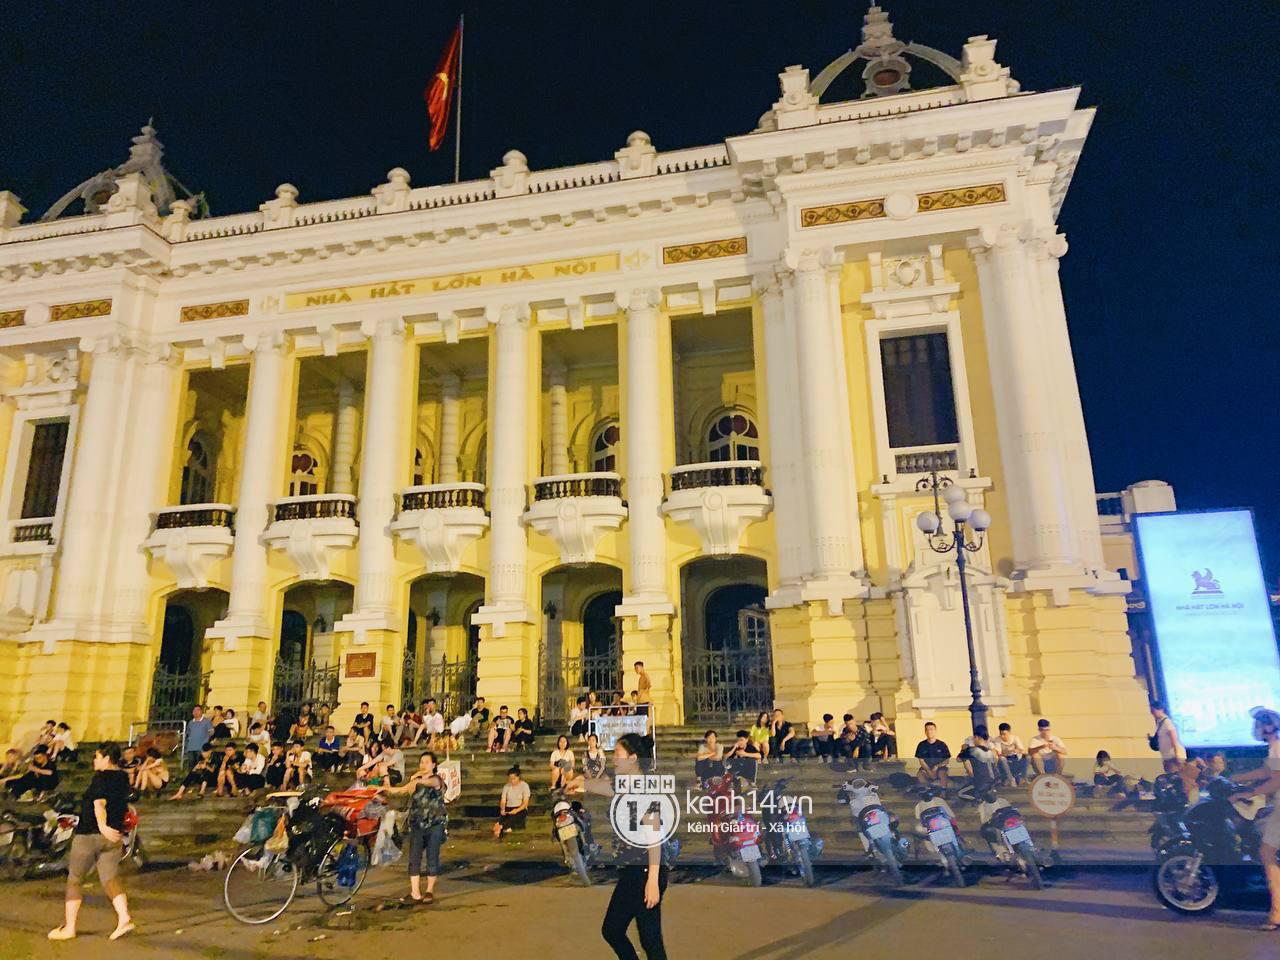 Trót dại xuống phố tối ngày giỗ Tổ, giới trẻ Hà Nội chịu cảnh kẹt cứng khắp mọi nẻo đường, đông không kém gì Sài Gòn - Ảnh 7.